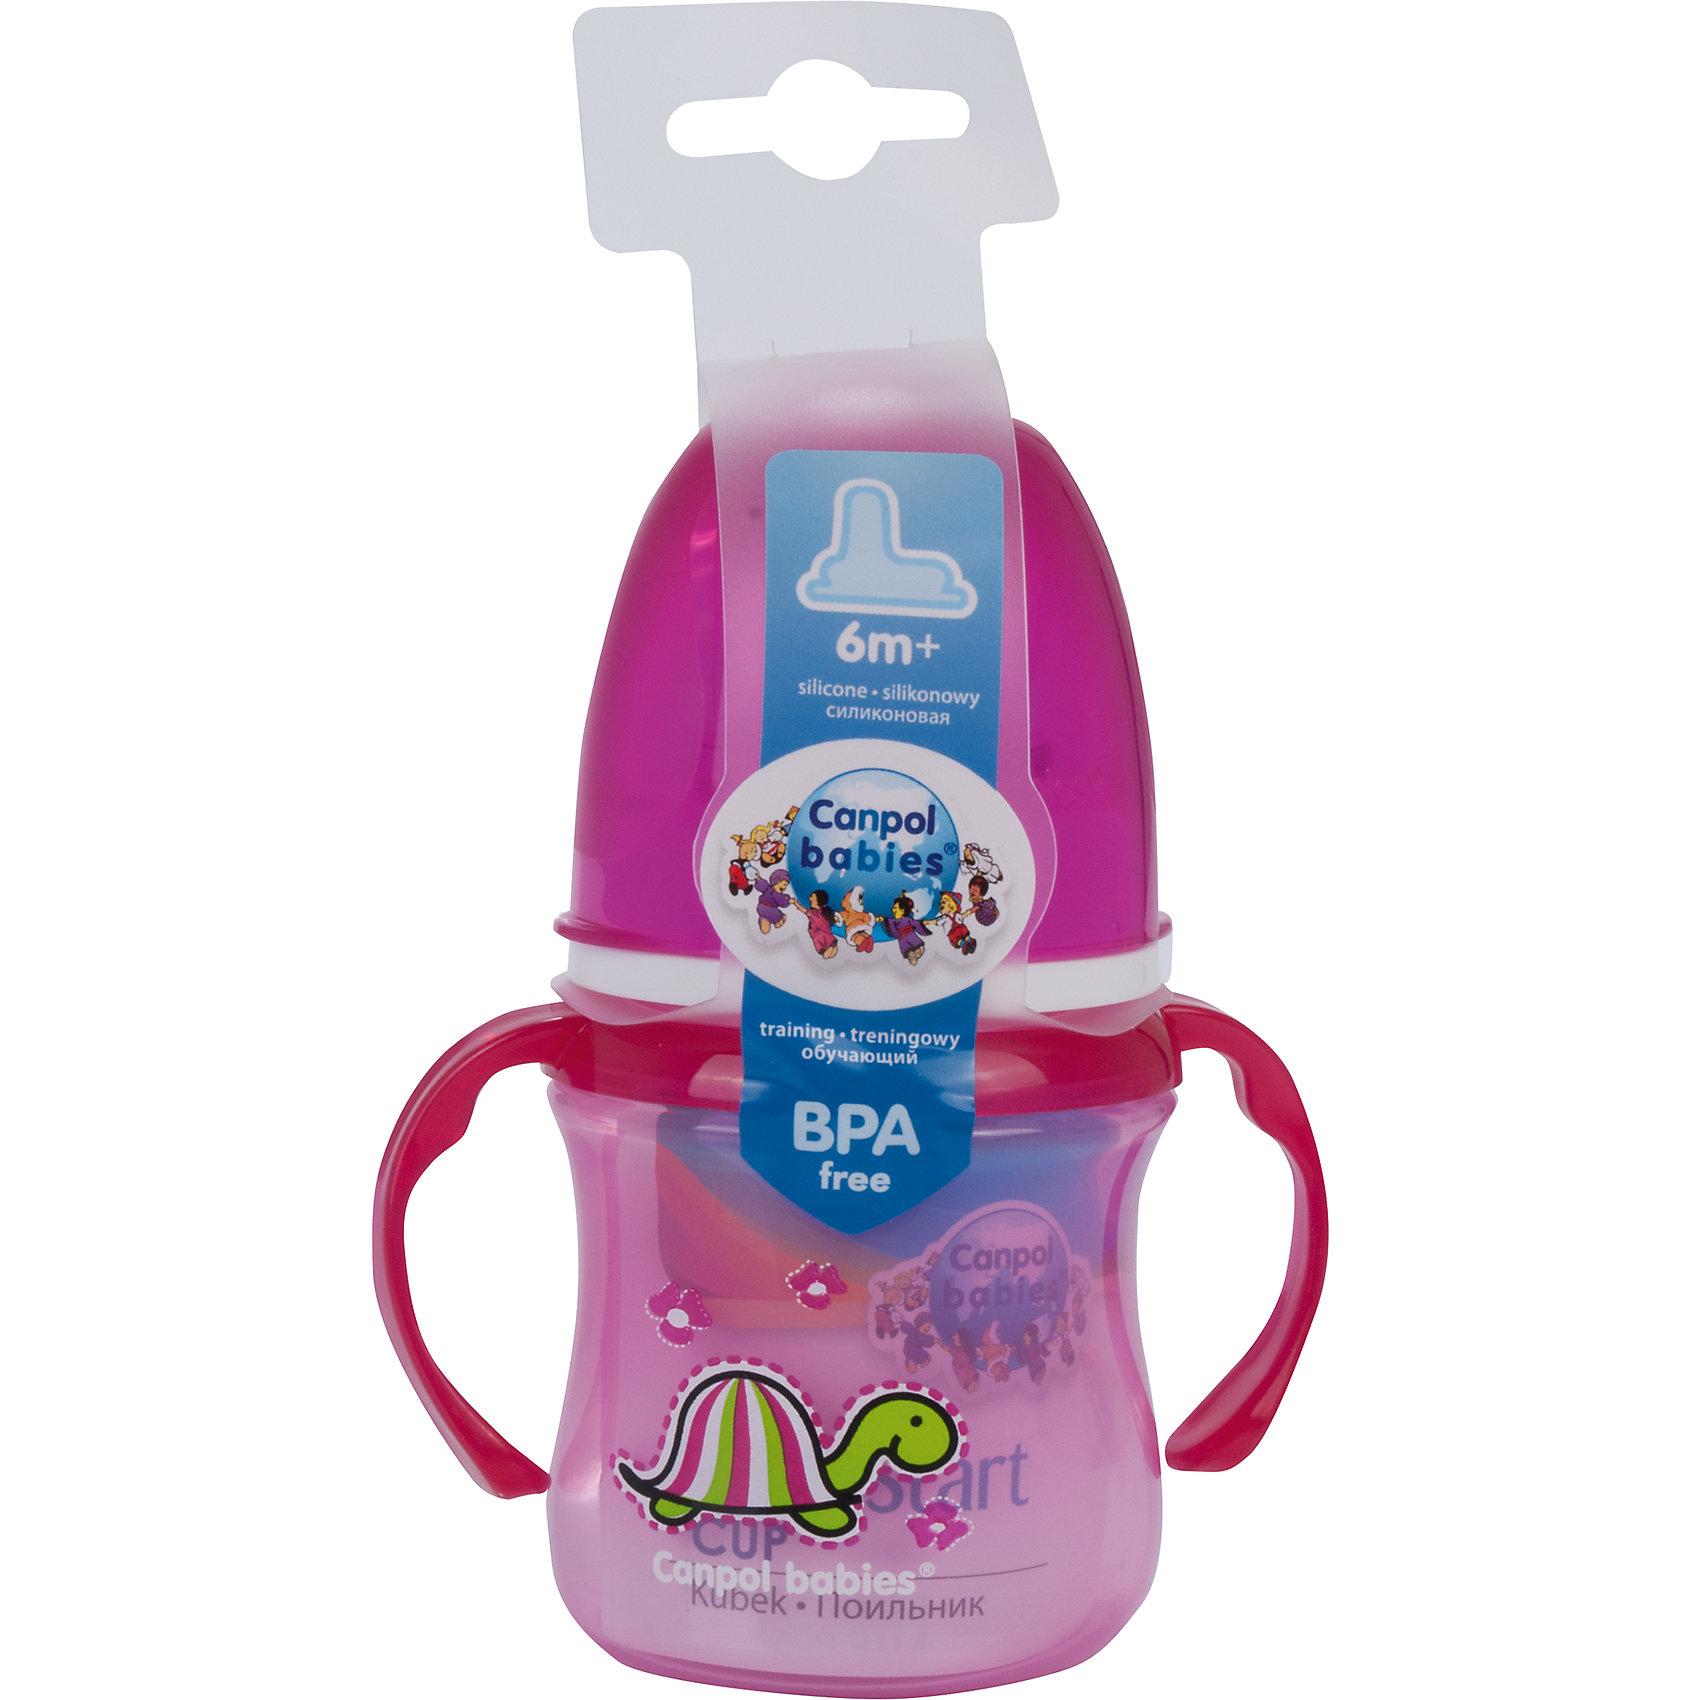 Поильник обучающий EasyStart с силиконовым носиком, 120 мл. 6+ Colourful animals, Canpol Babies, розовыйПоильник обучающий EasyStart с силиконовым носиком, 120 мл. 6+ Colourful animals, Canpol Babies (Канпол беби), розовый.<br><br>Характеристики:<br>• мягкий силиконовый носик<br>• не содержит бисфенол-А<br>• удобные ручки<br>• защитная крышка<br>• яркий дизайн<br>• размер: 15х10х10 см<br>• объем: 120 мл<br>• цвет: розовый<br><br>Поильник EasyStart отлично подойдет для малышей, стремящихся к самостоятельности. Ребенок сможет взять поильник за две удобные ручки и научиться пить из него. Силиконовый носик поможет избежать случайного травмирования ротовой полости. Непроливающийся поильник можно использовать в двух вариантах: для совсем маленьких детей - мягкий носик, и для детей старше года -жесткий носик. Крышка защитит бутылочку от грязи и пыли. Яркий дизайн привлечет внимание крохи, и он с удовольствием научится пить самостоятельно!<br><br>Вы можете купить поильник обучающий EasyStart с силиконовым носиком, 120 мл. 6+ Colourful animals, Canpol Babies (Канпол беби), розовый в нашем интернет-магазине.<br><br>Ширина мм: 100<br>Глубина мм: 65<br>Высота мм: 160<br>Вес г: 720<br>Возраст от месяцев: 6<br>Возраст до месяцев: 18<br>Пол: Женский<br>Возраст: Детский<br>SKU: 5156713